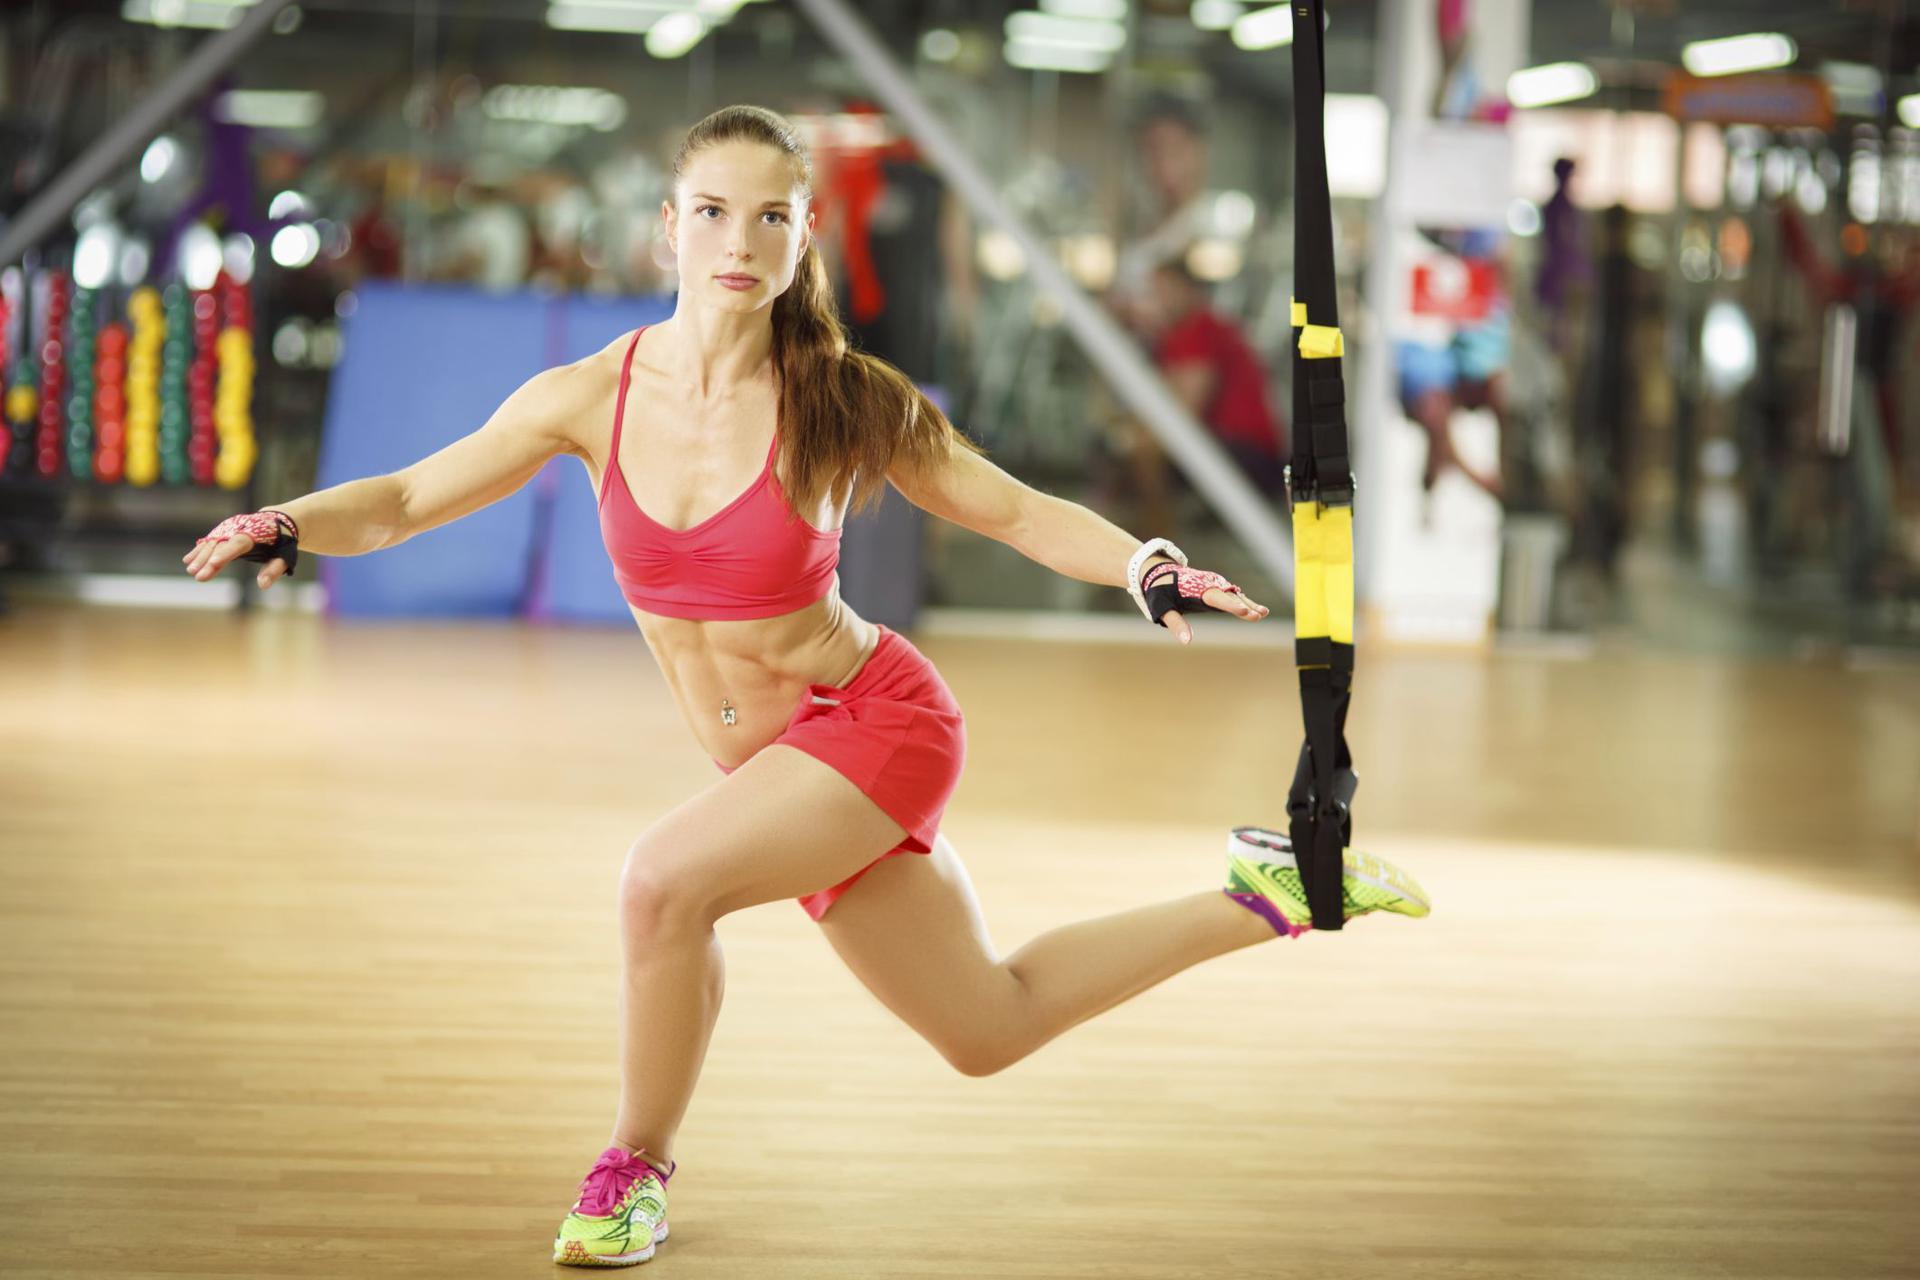 Jaki sport na odchudzanie? 5 dyscyplin, dzięki którym najszybciej schudniesz!